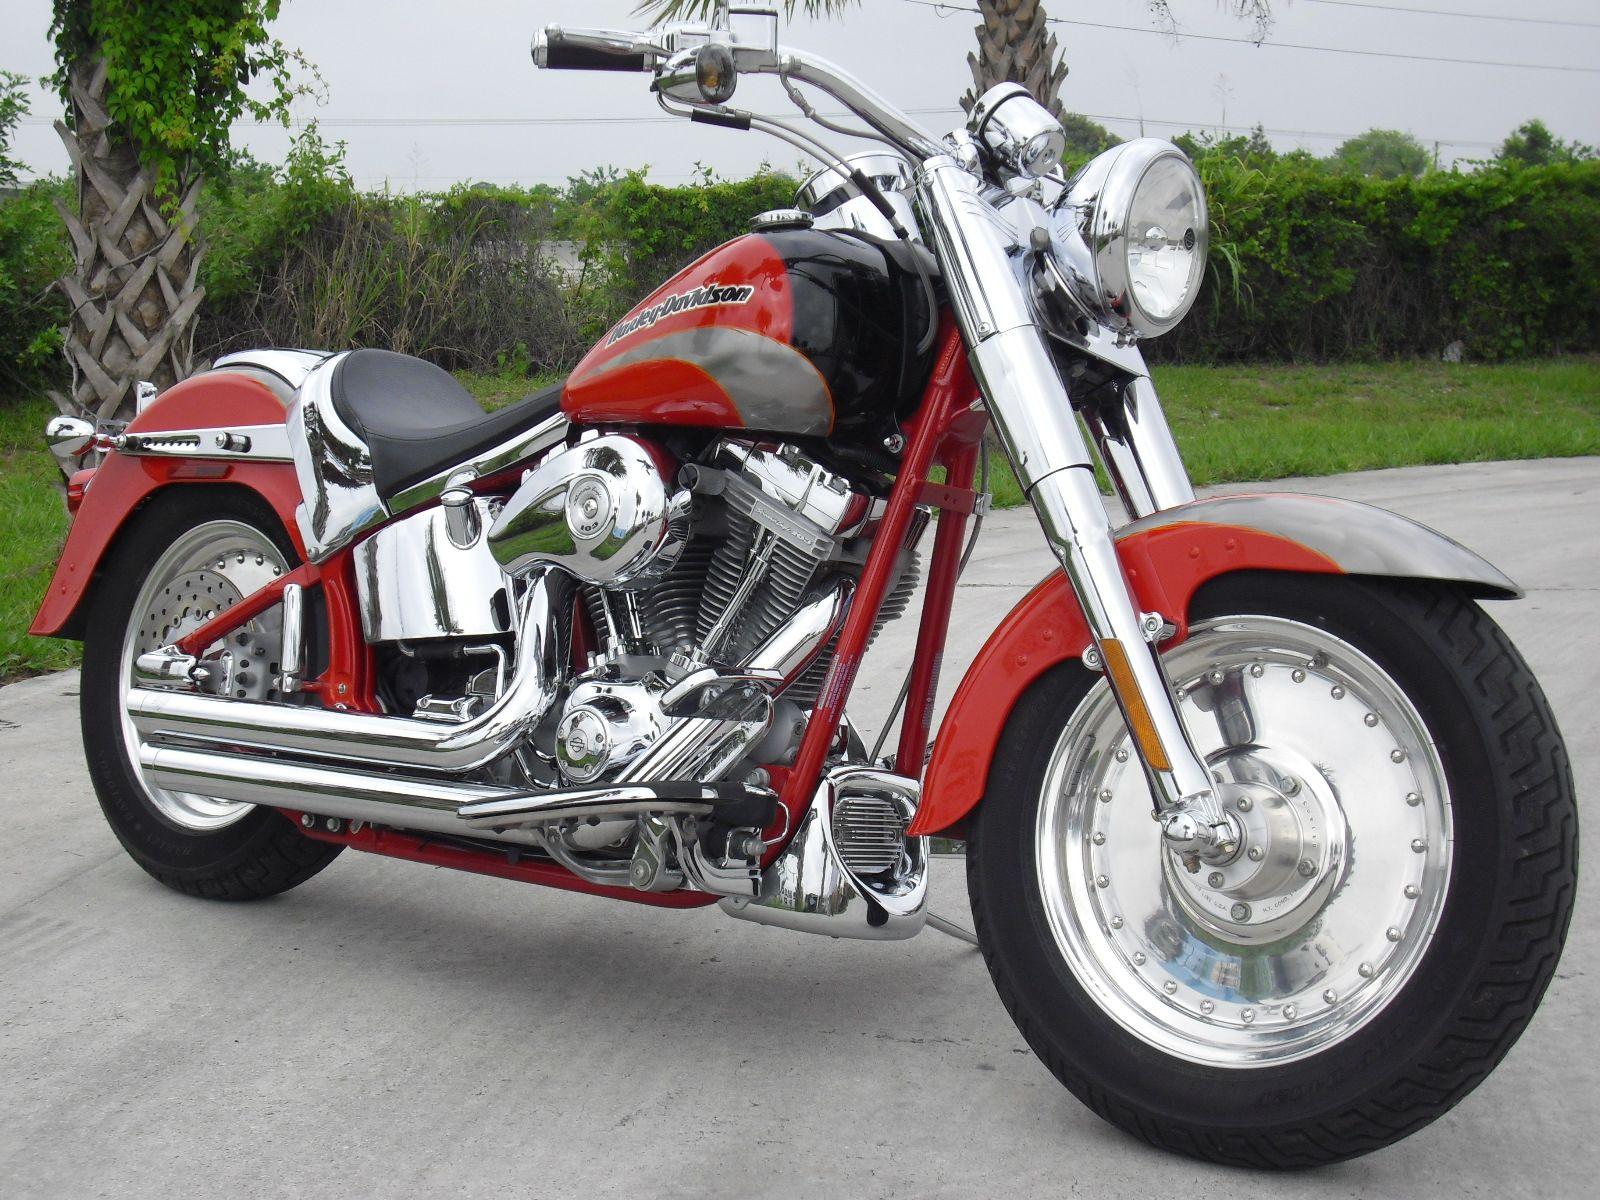 harley-davidson motocycles | Labels: Harley Davidson Motorcycle , Harley Davidson Screaming Eagle